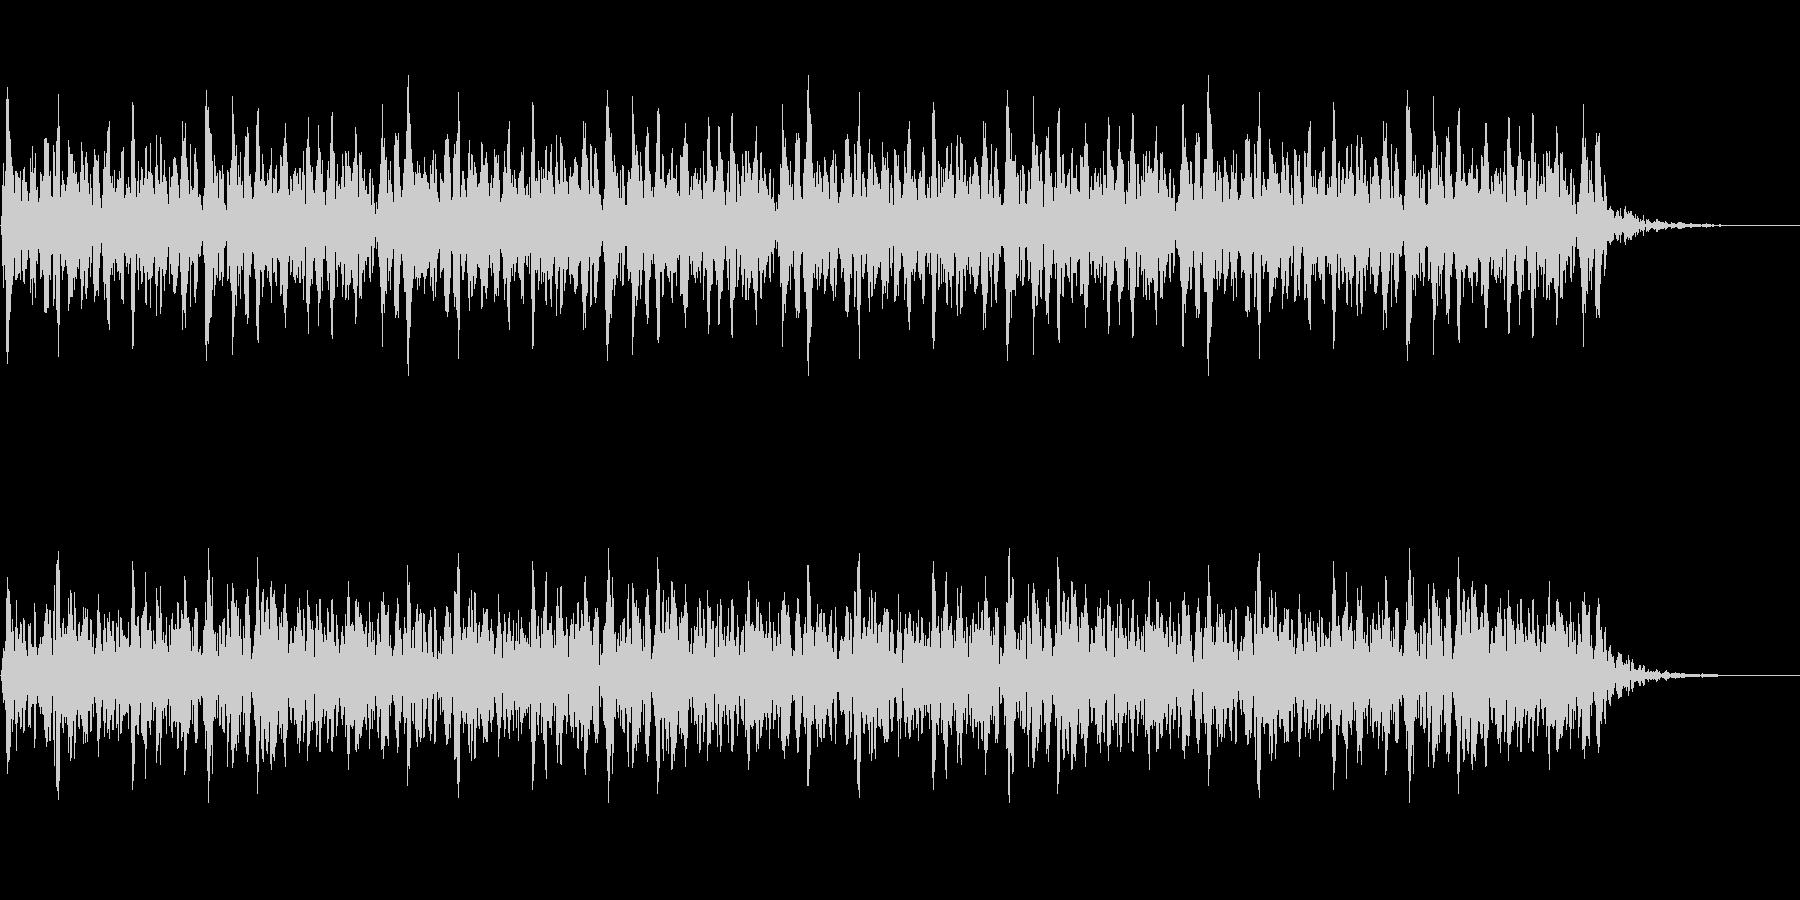 太鼓 躍動的 迫力 効果音 パターン#5の未再生の波形